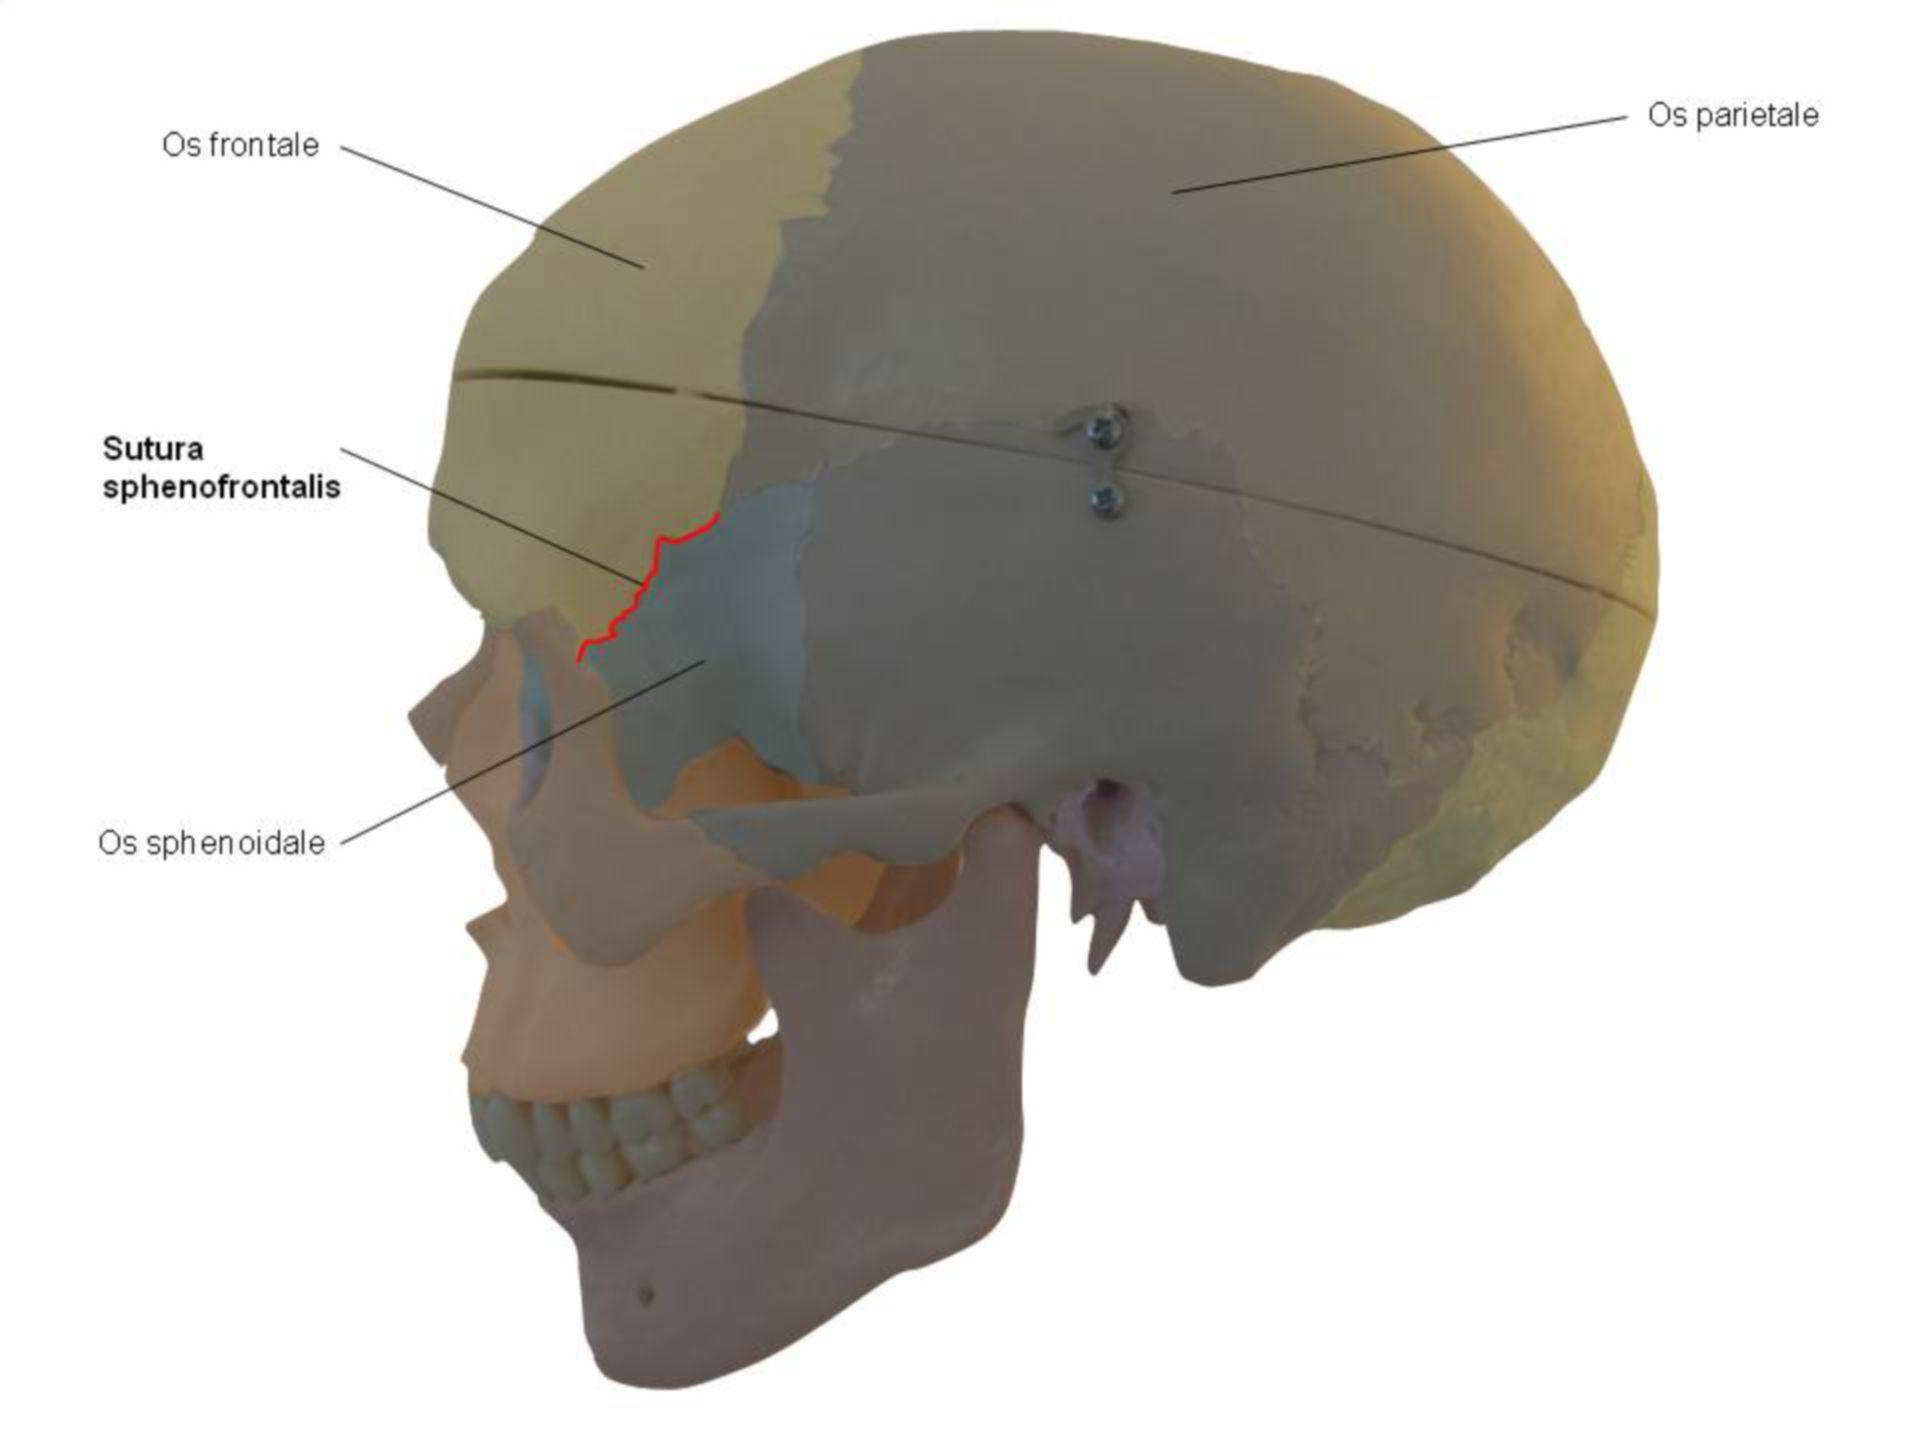 Sutura sphenofrontalis